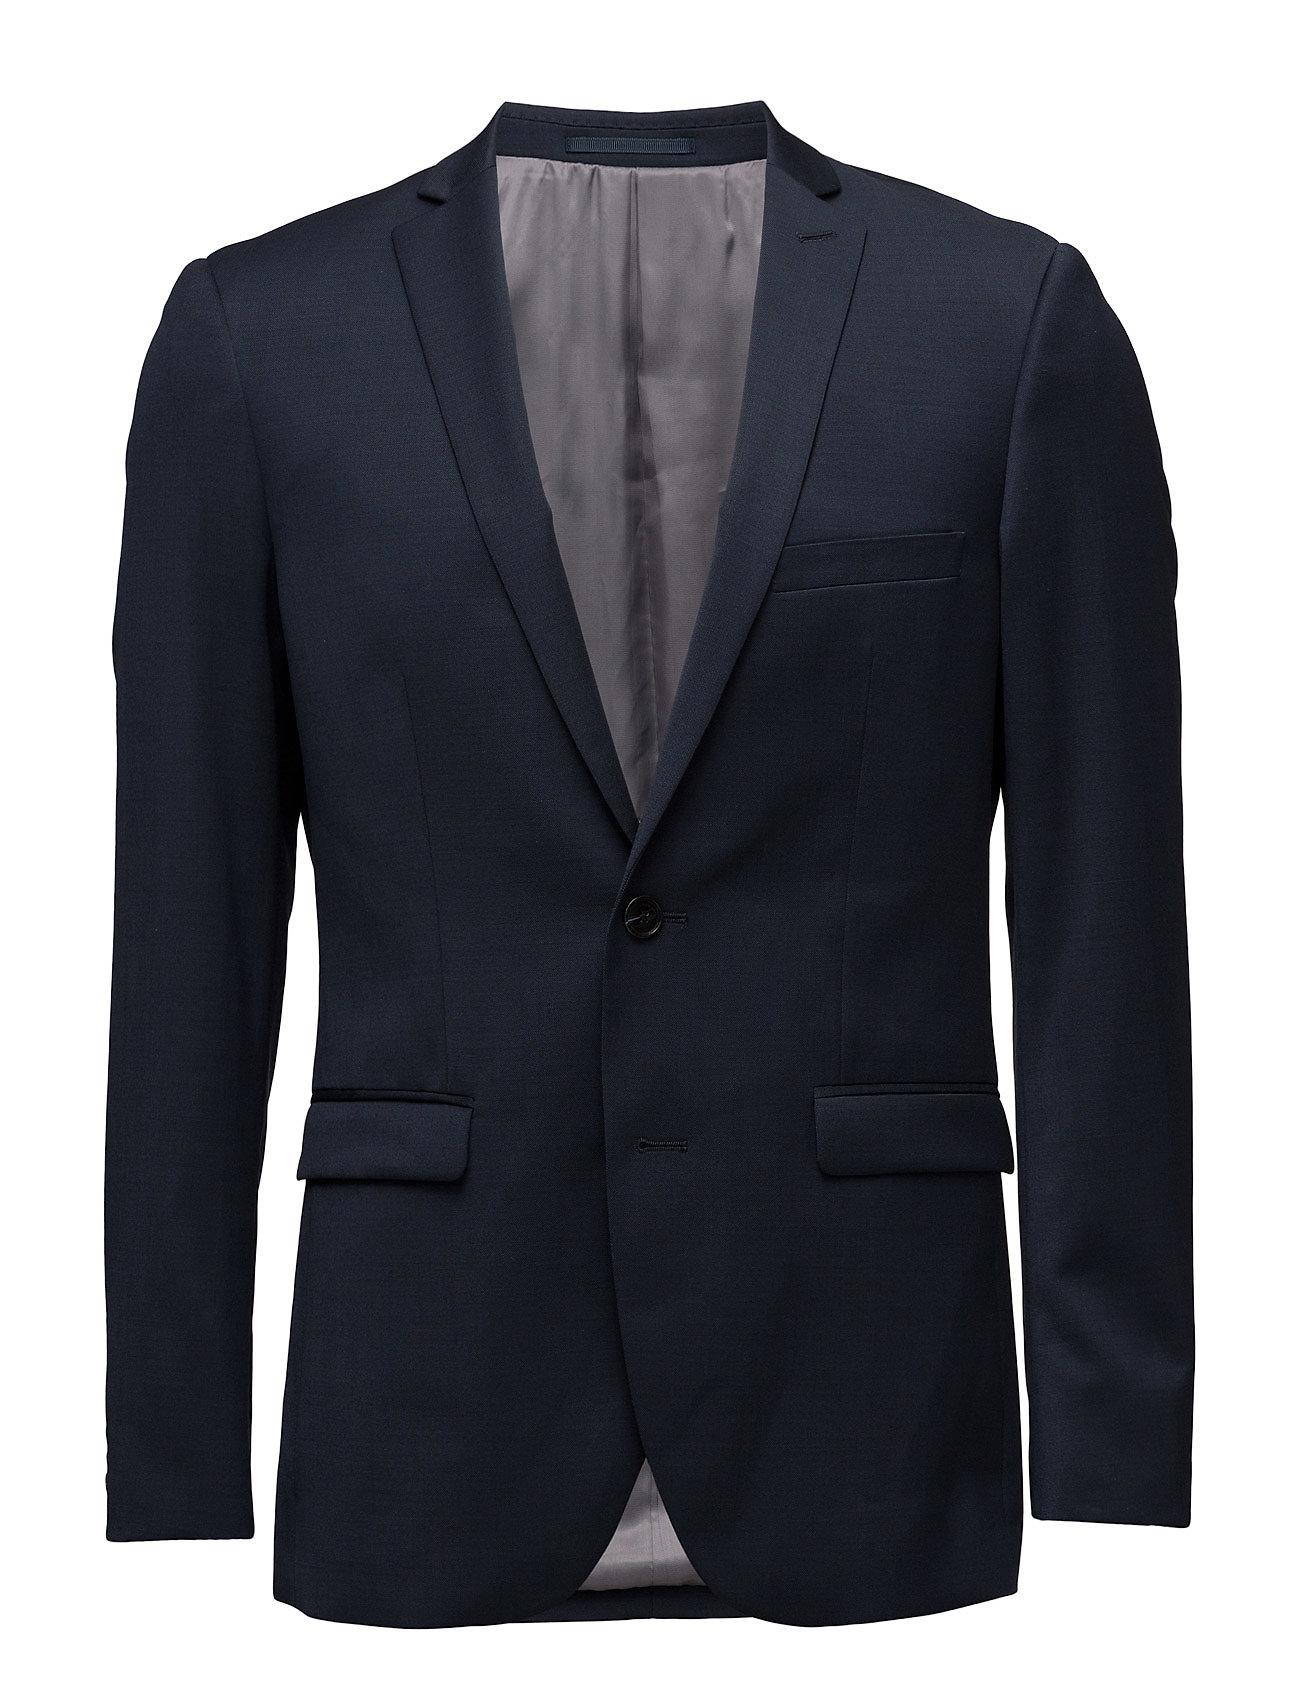 George F Stretch Suit Matinique Blazere til Herrer i Mørk Navy